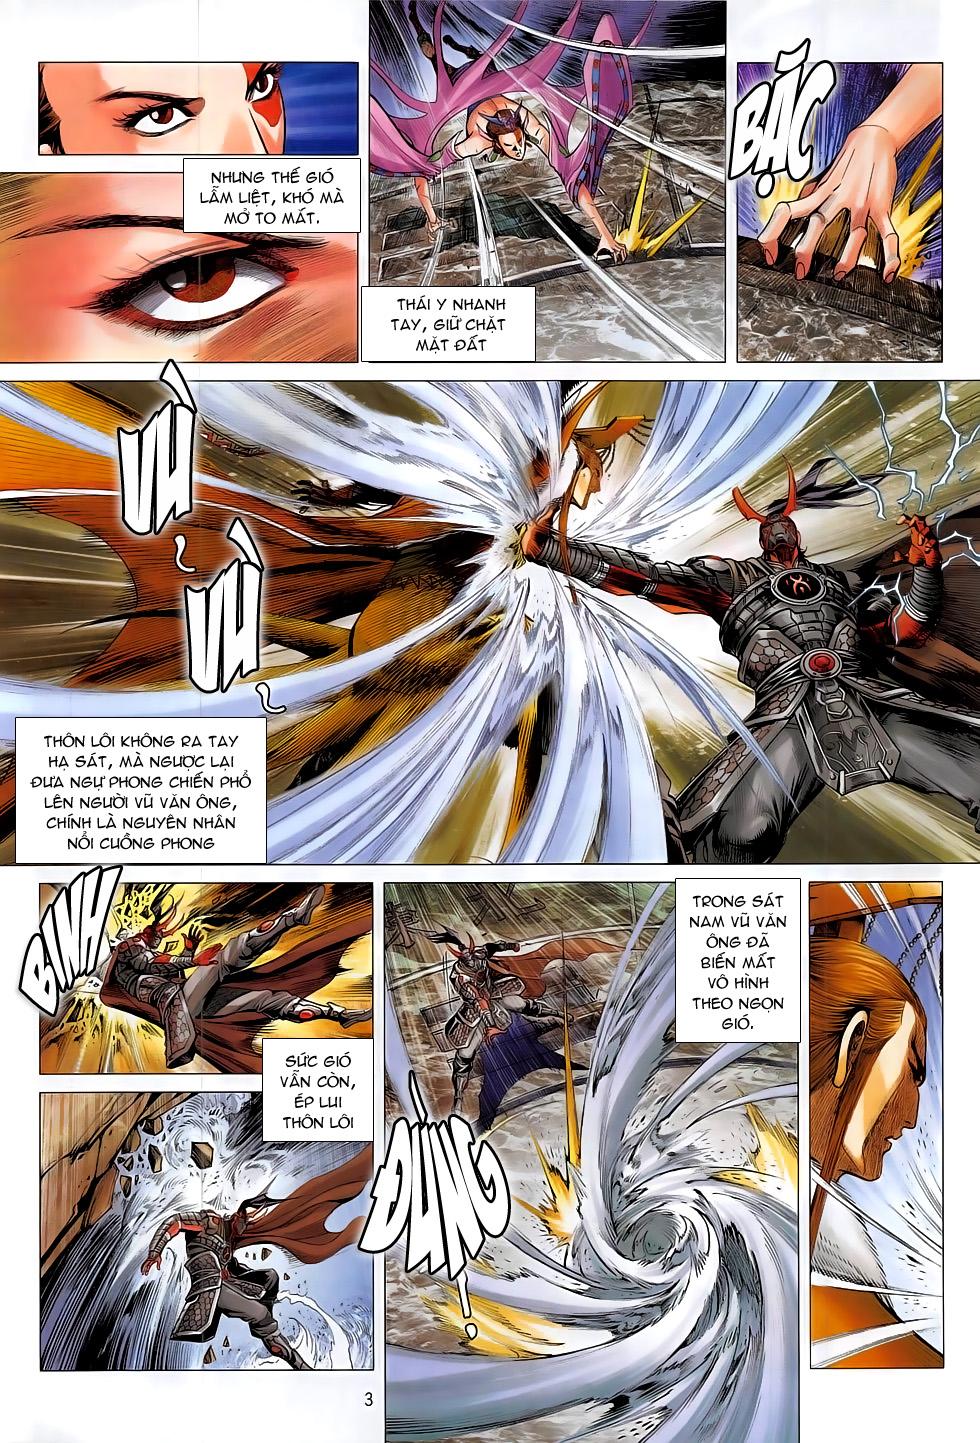 Chiến Phổ chapter 13: trận liệt tại tiền trang 3